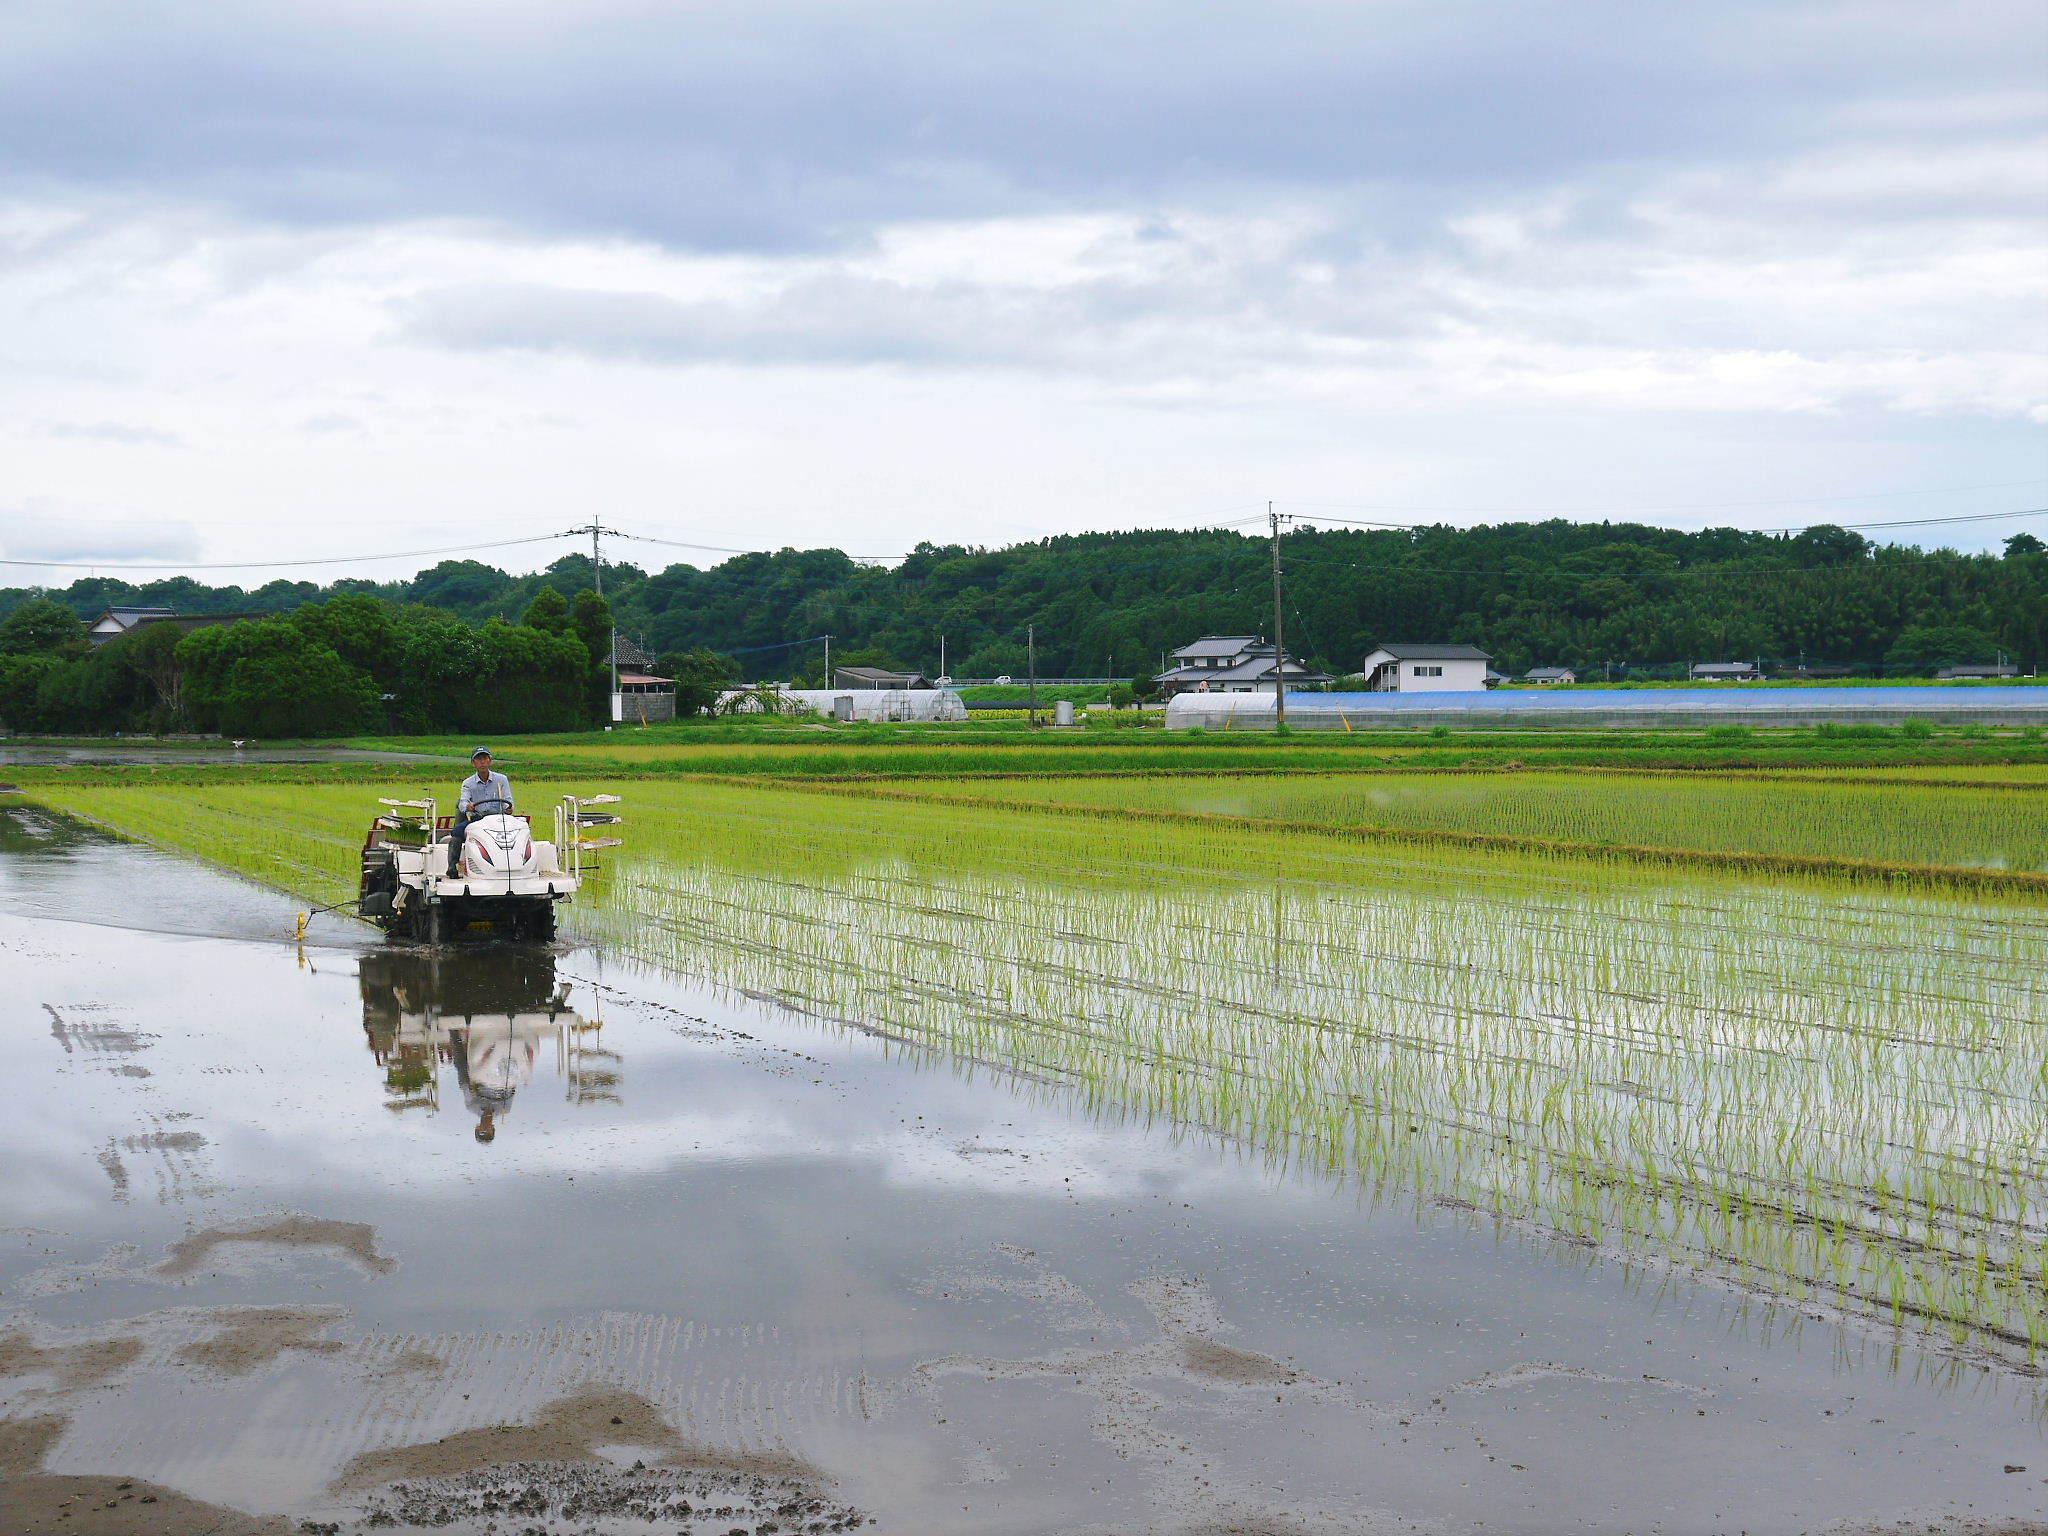 七城米 熊本県菊池市七城町の「長尾農園」さんのお米は今年も見事に美しすぎる田んぼで元気に成長中!_a0254656_17504995.jpg